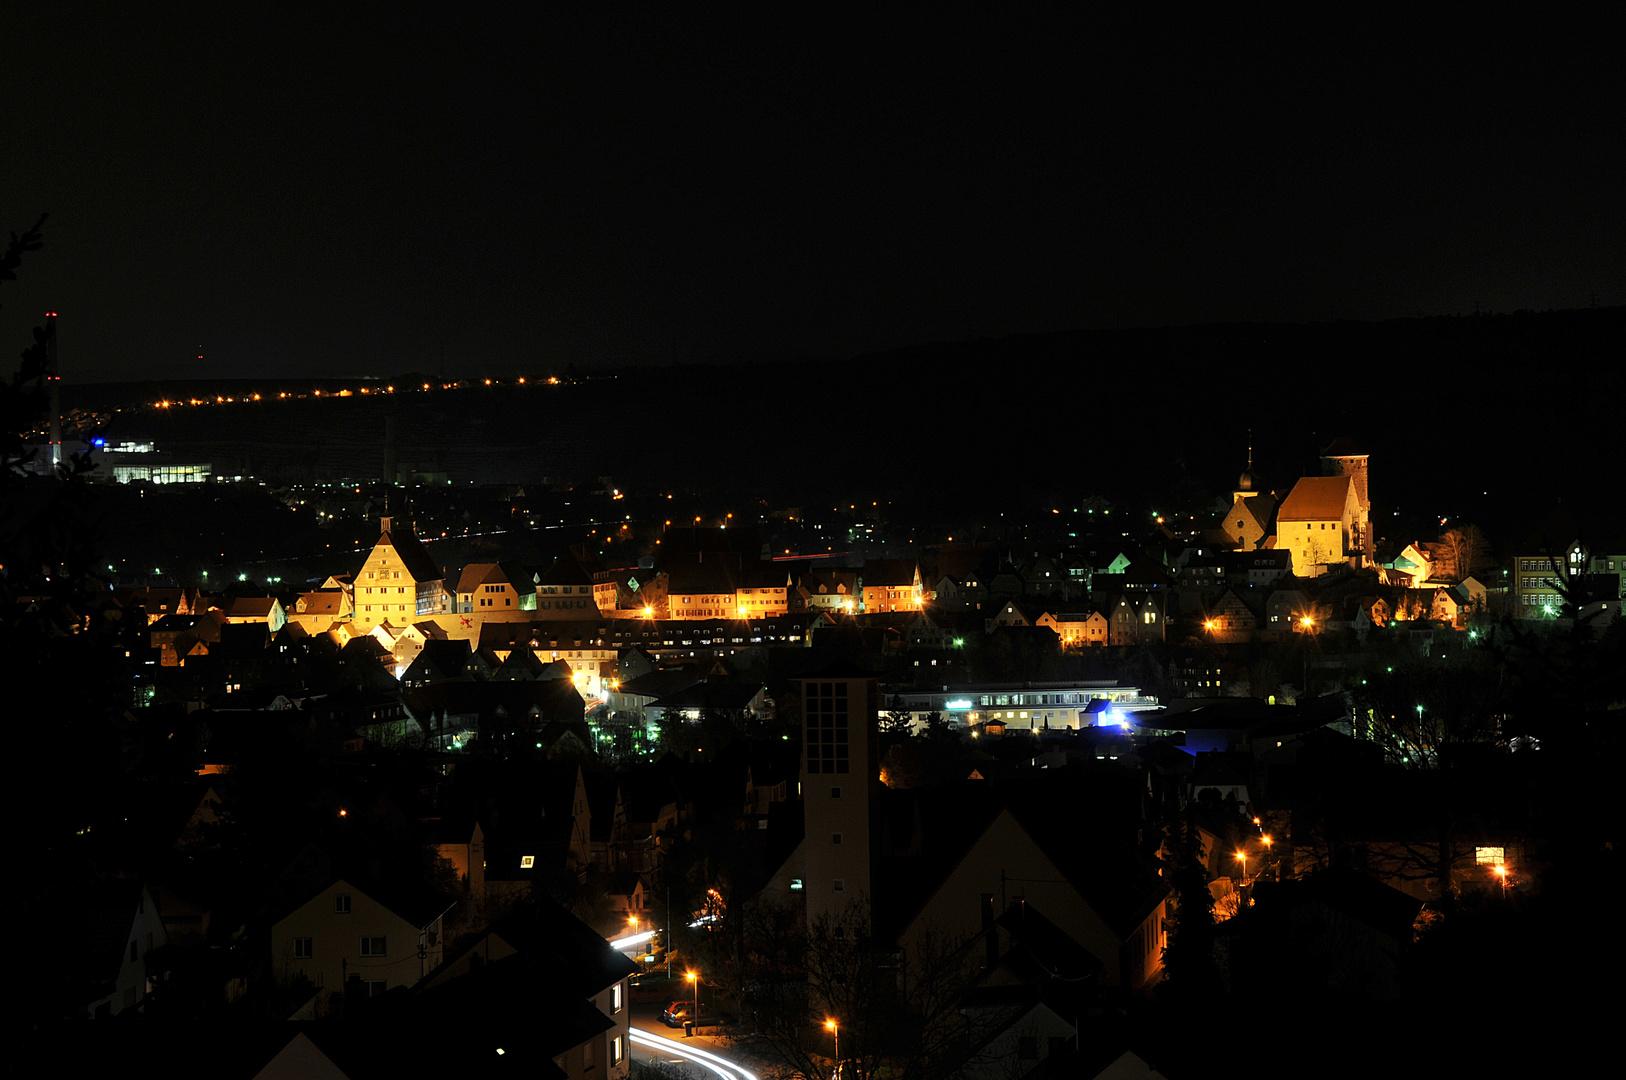 Besigheim bei Nacht von Westen